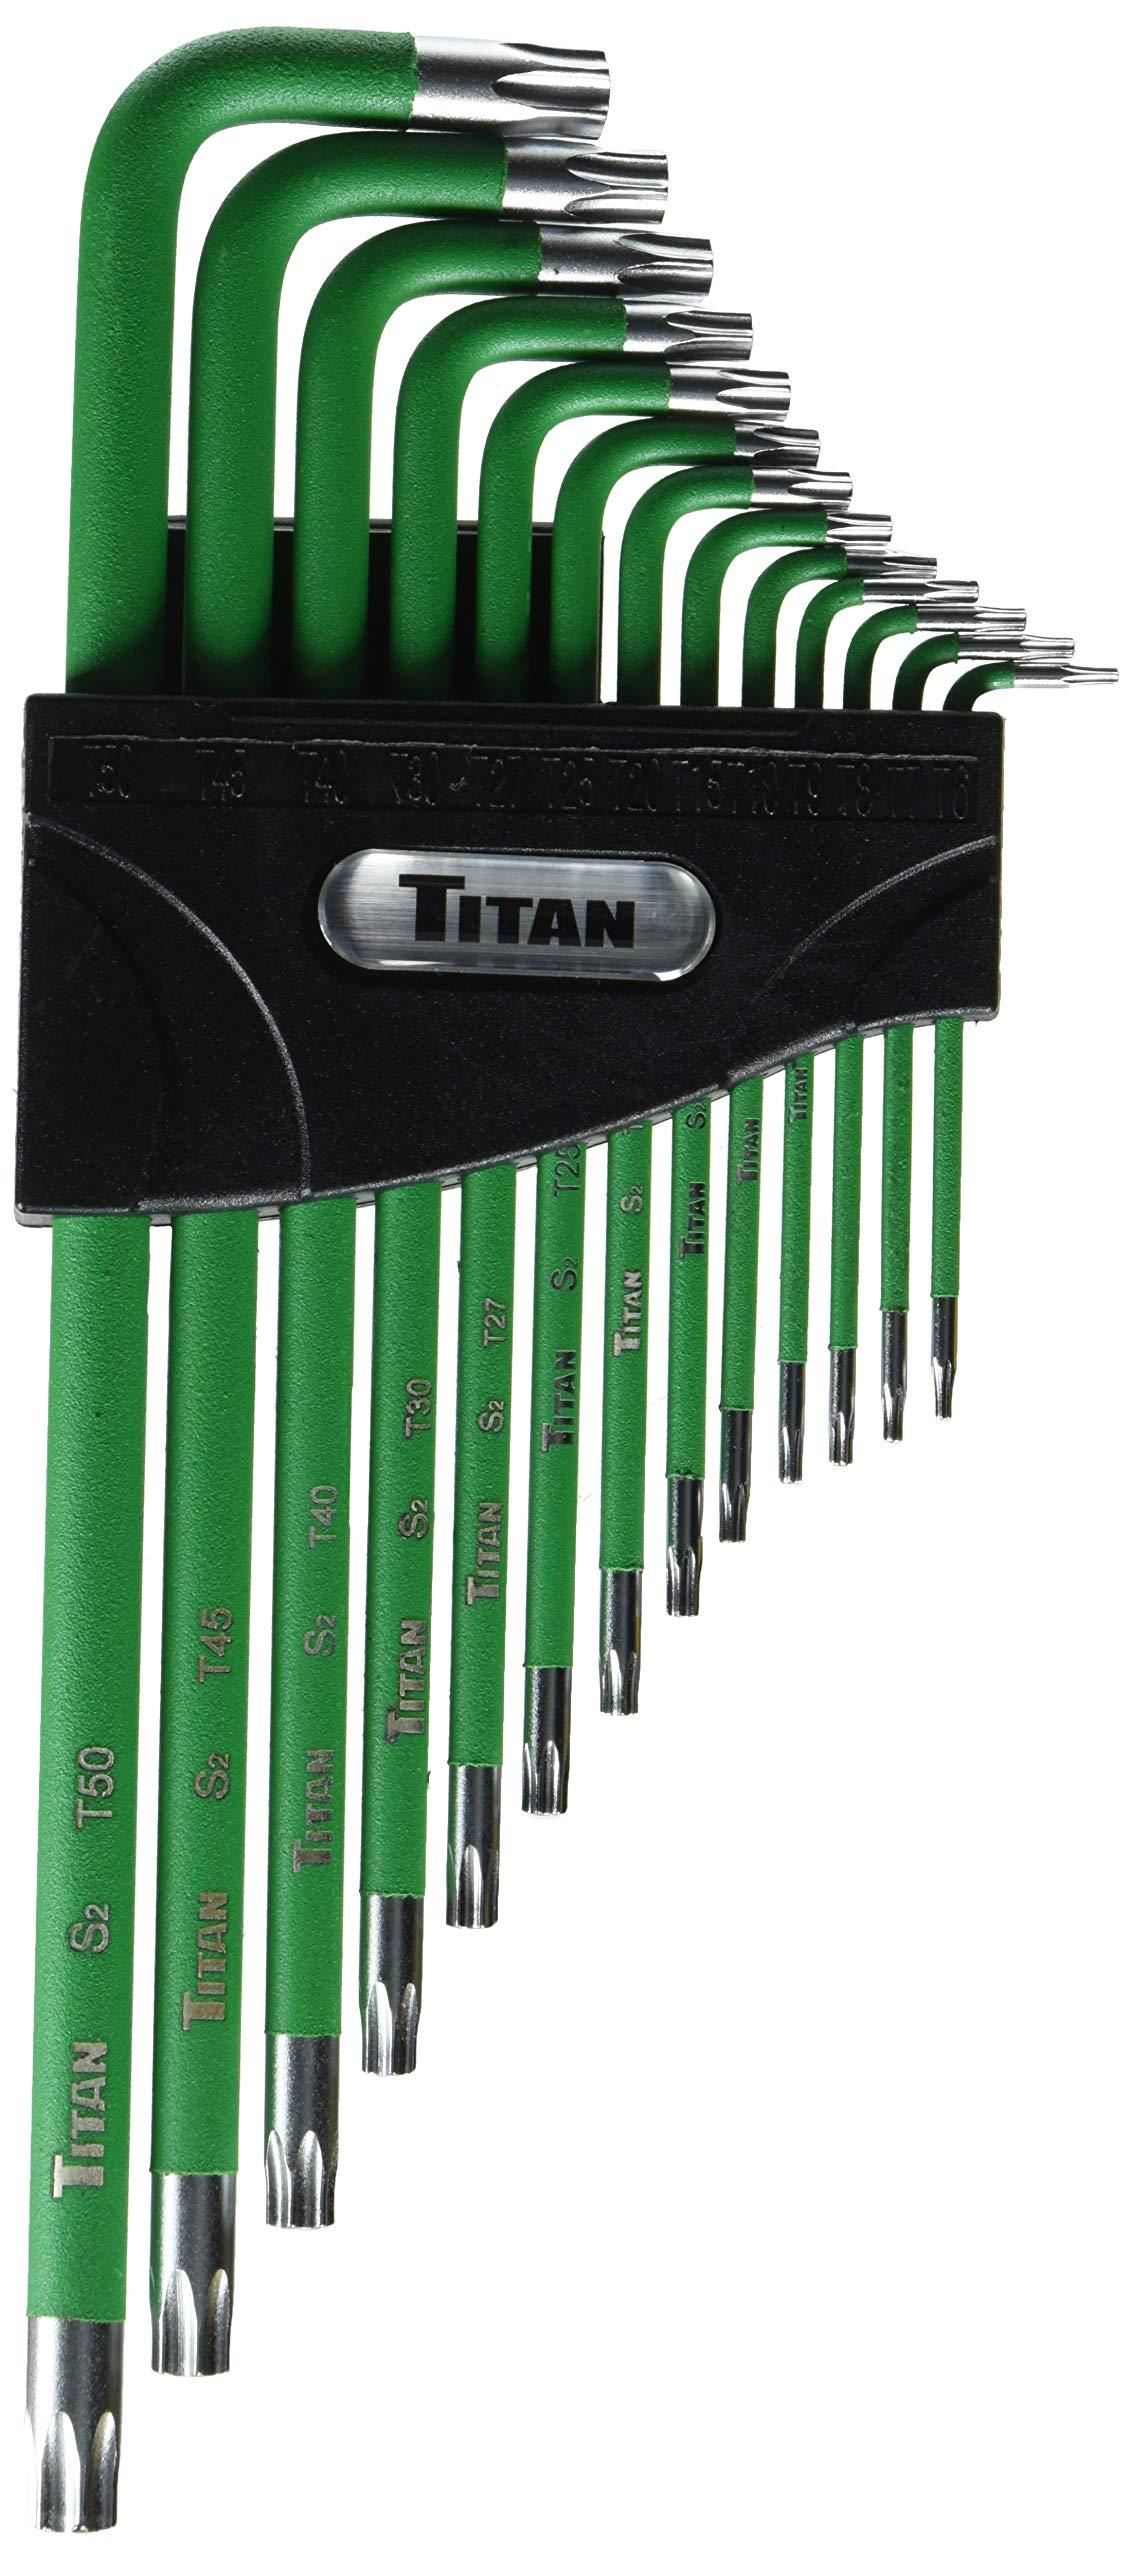 Titan Tools Extra Long Tamper Resistant